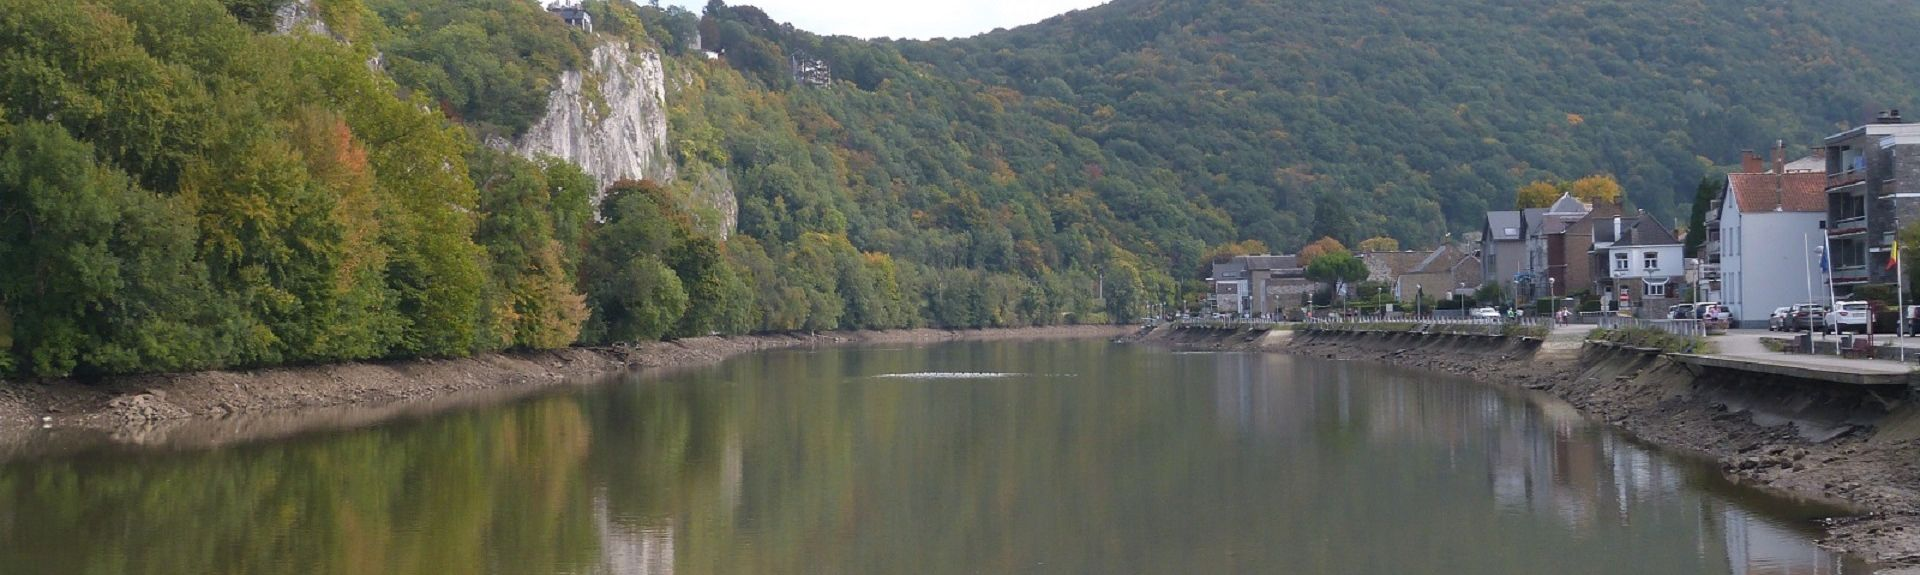 Namur, Región Valona, Bélgica